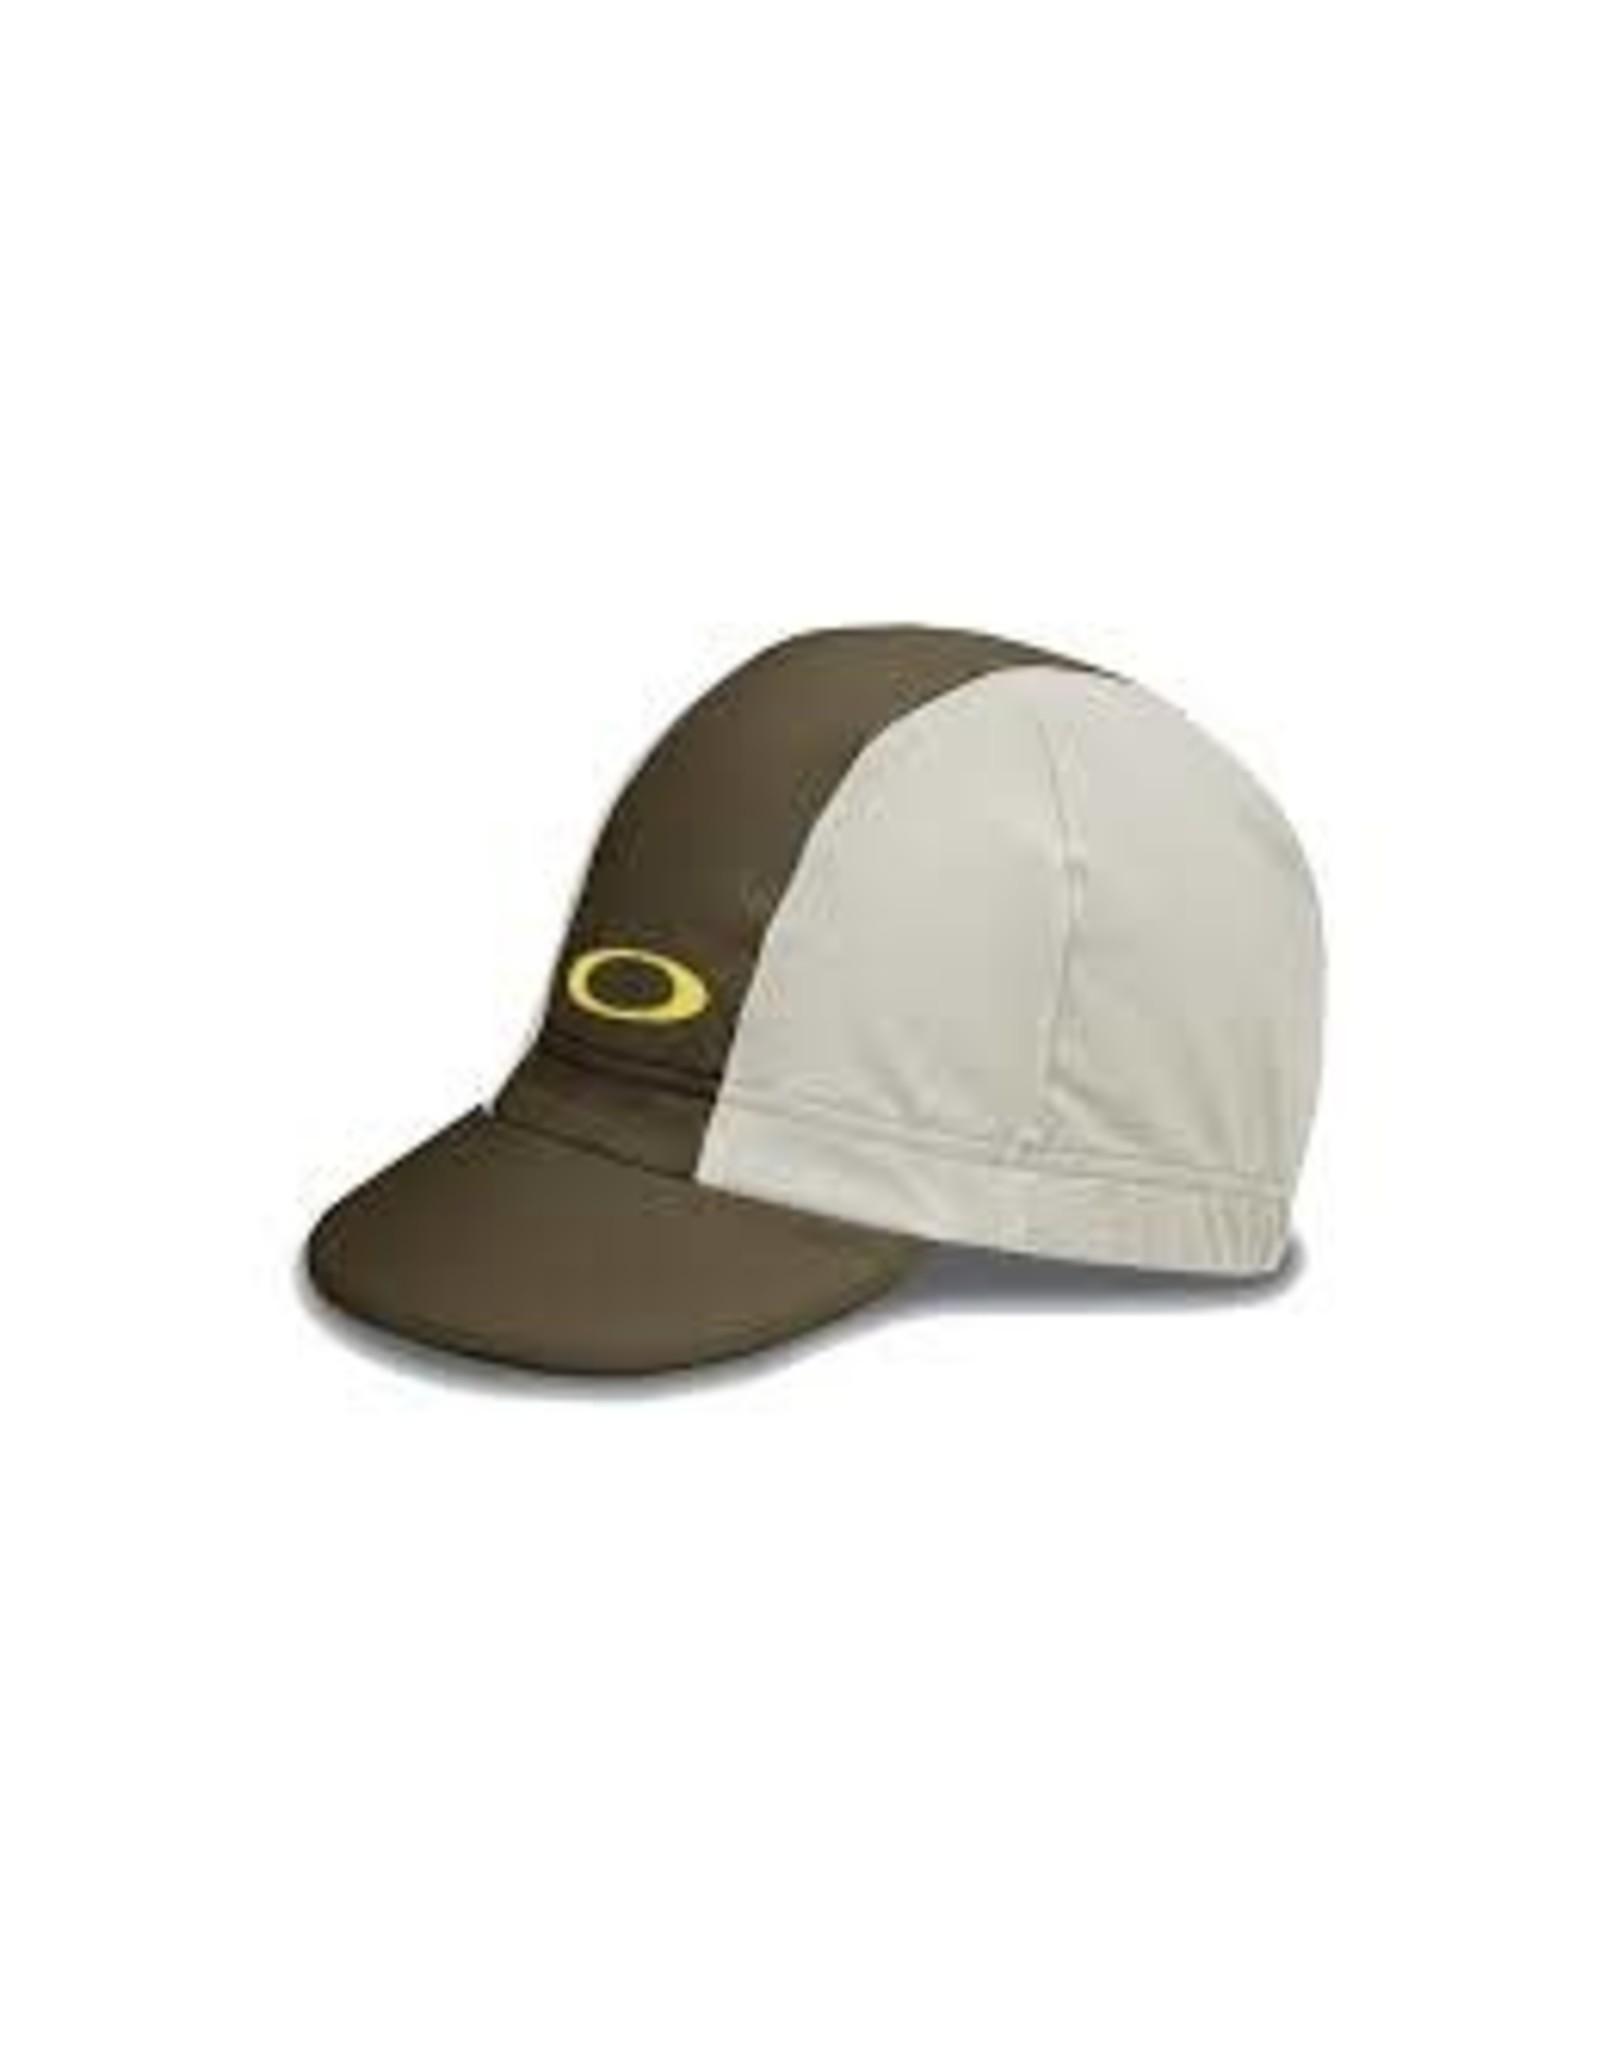 Oakley Canada Oakley - Cap 2.0 Dark Brush S/M